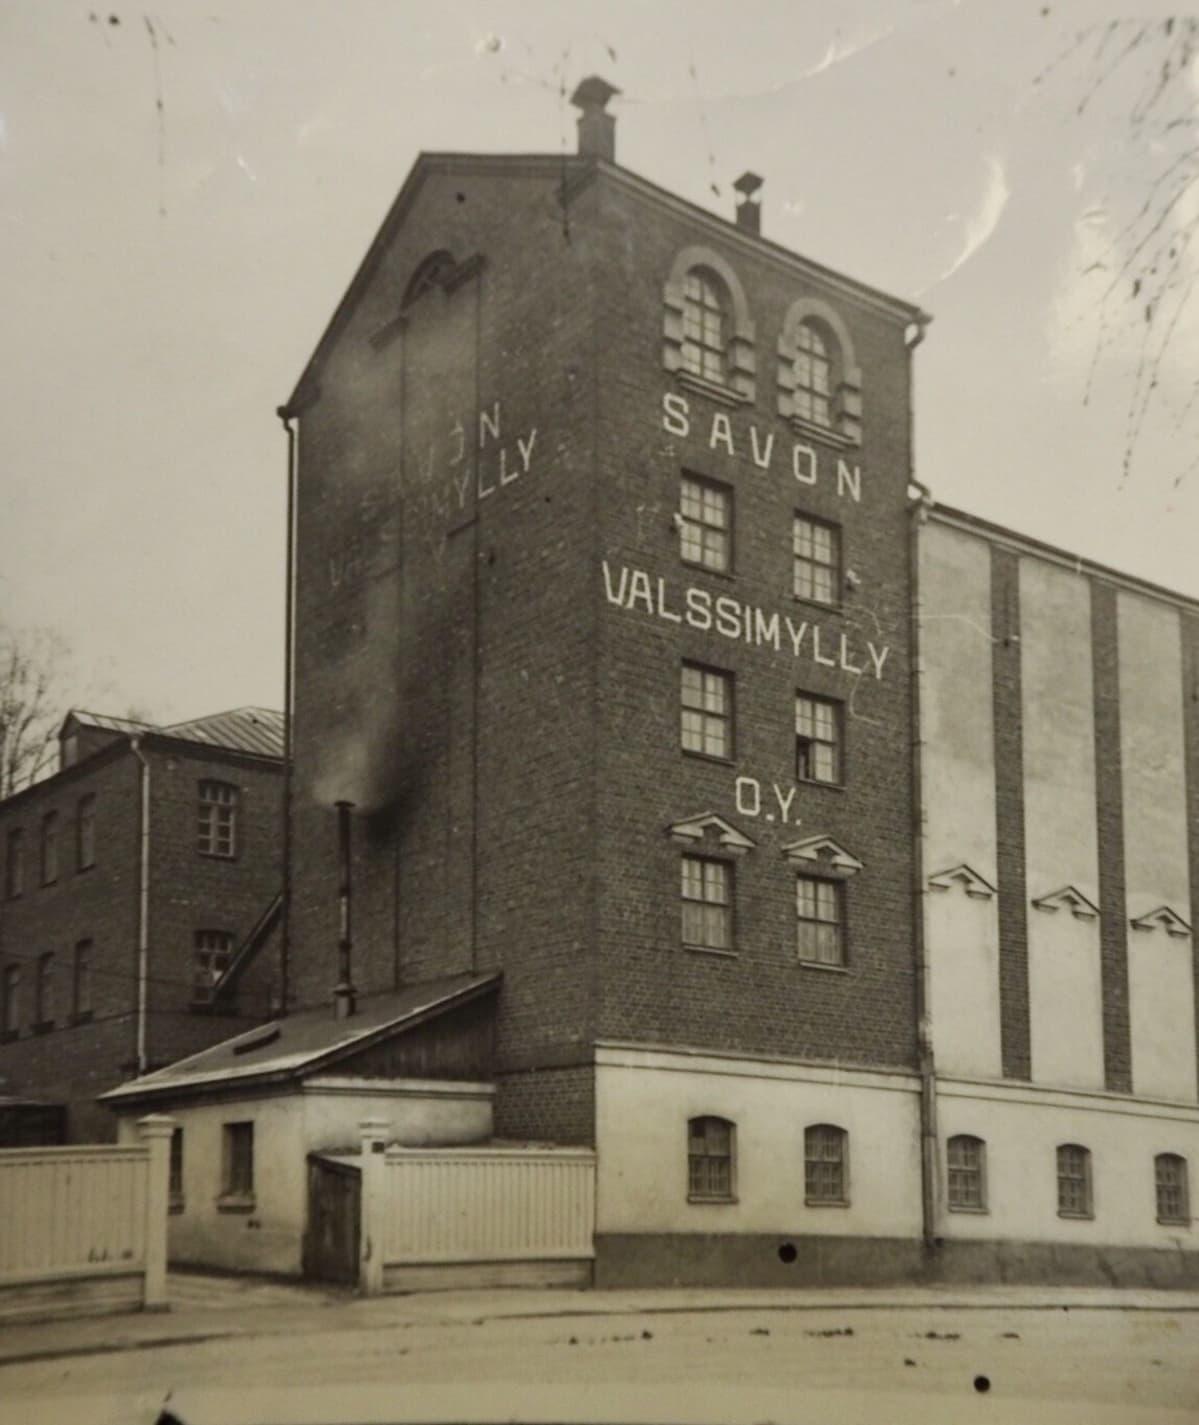 Mikkelin valssimyllyrakennus kuvattuna Mannerheimintieltä 19320-1930-luvulla.